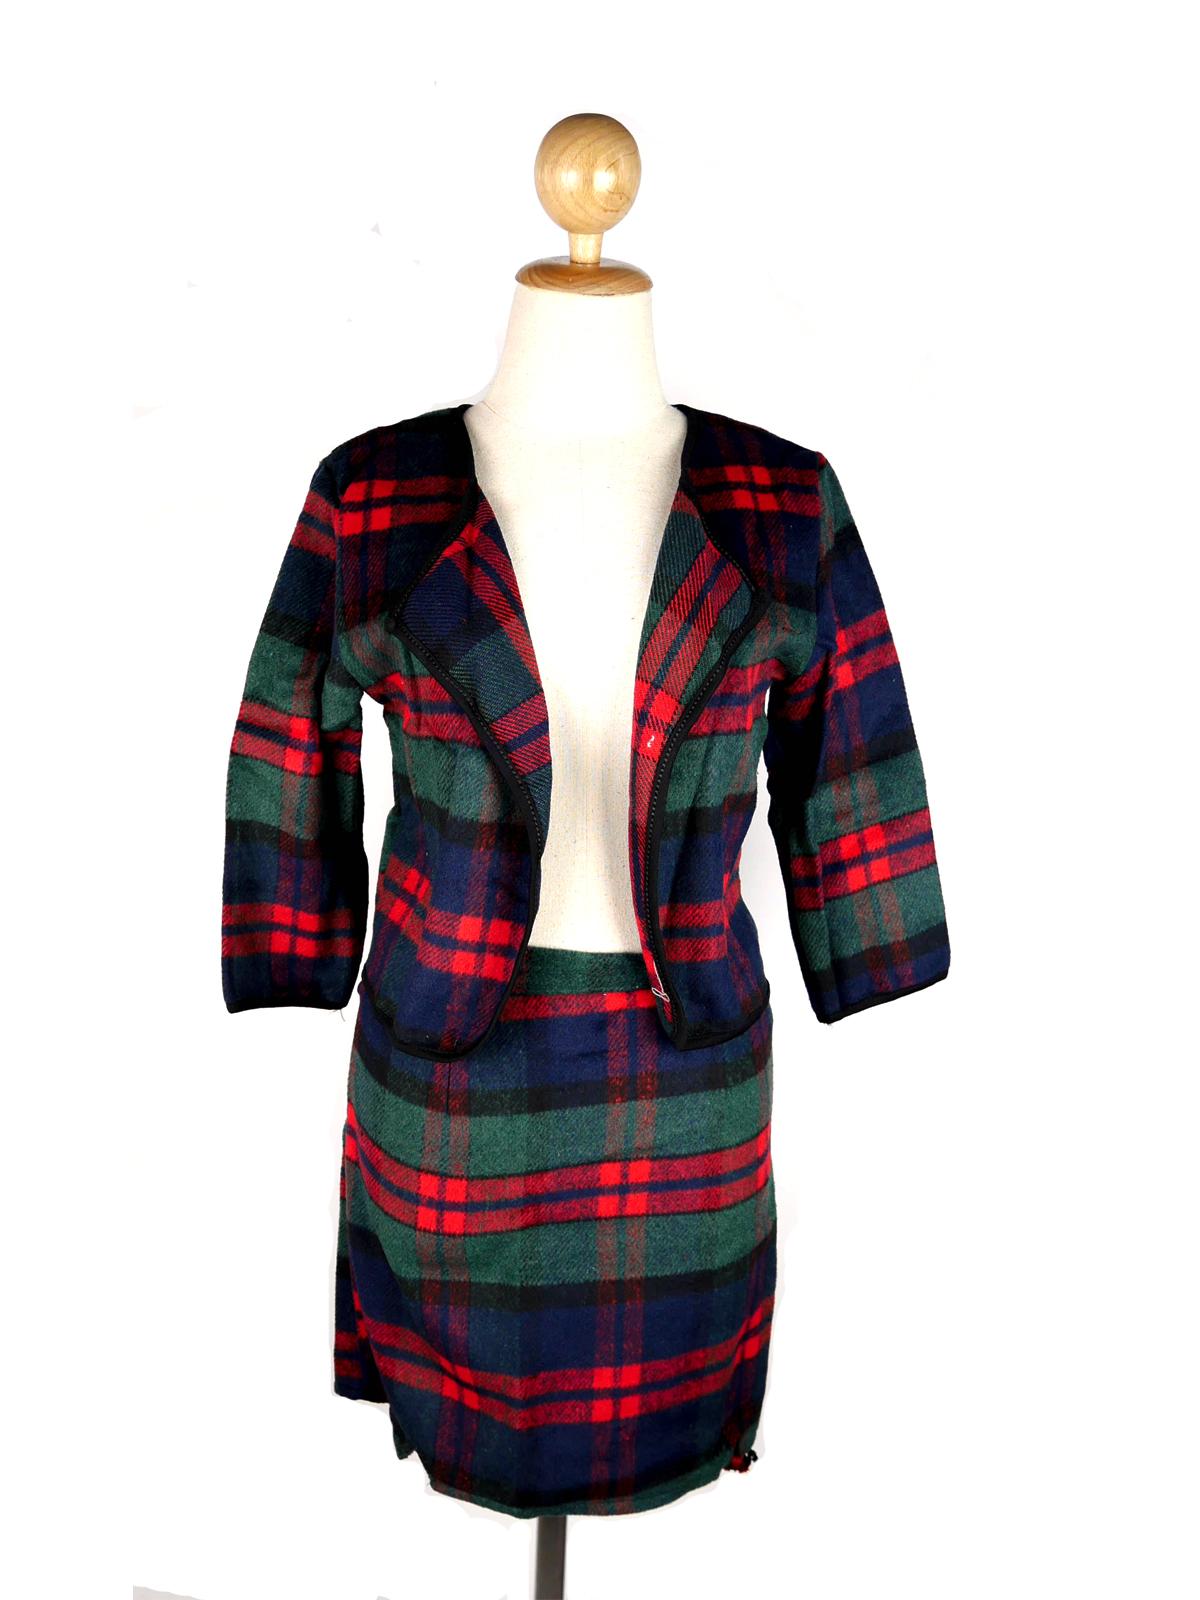 ชุด 2 ชิ้น เสื้อคลุม+กระโปรง ผ้าขนสัตว์ลายสก๊อตสีเขียว